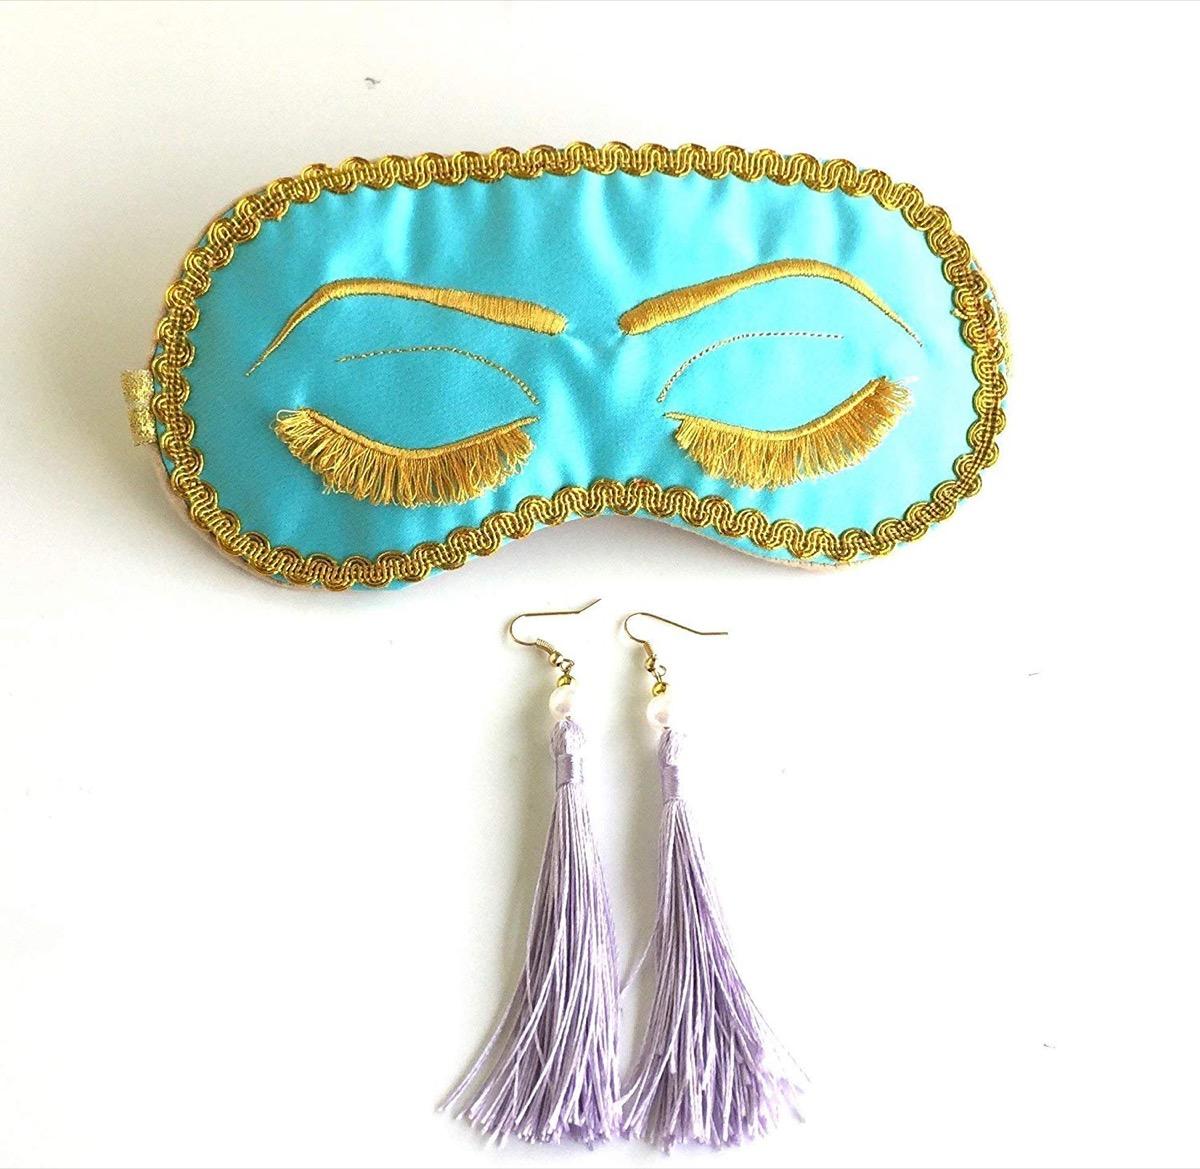 Breakfast at Tiffany's Sleep Mask Set {Handmade Items From Amazon}